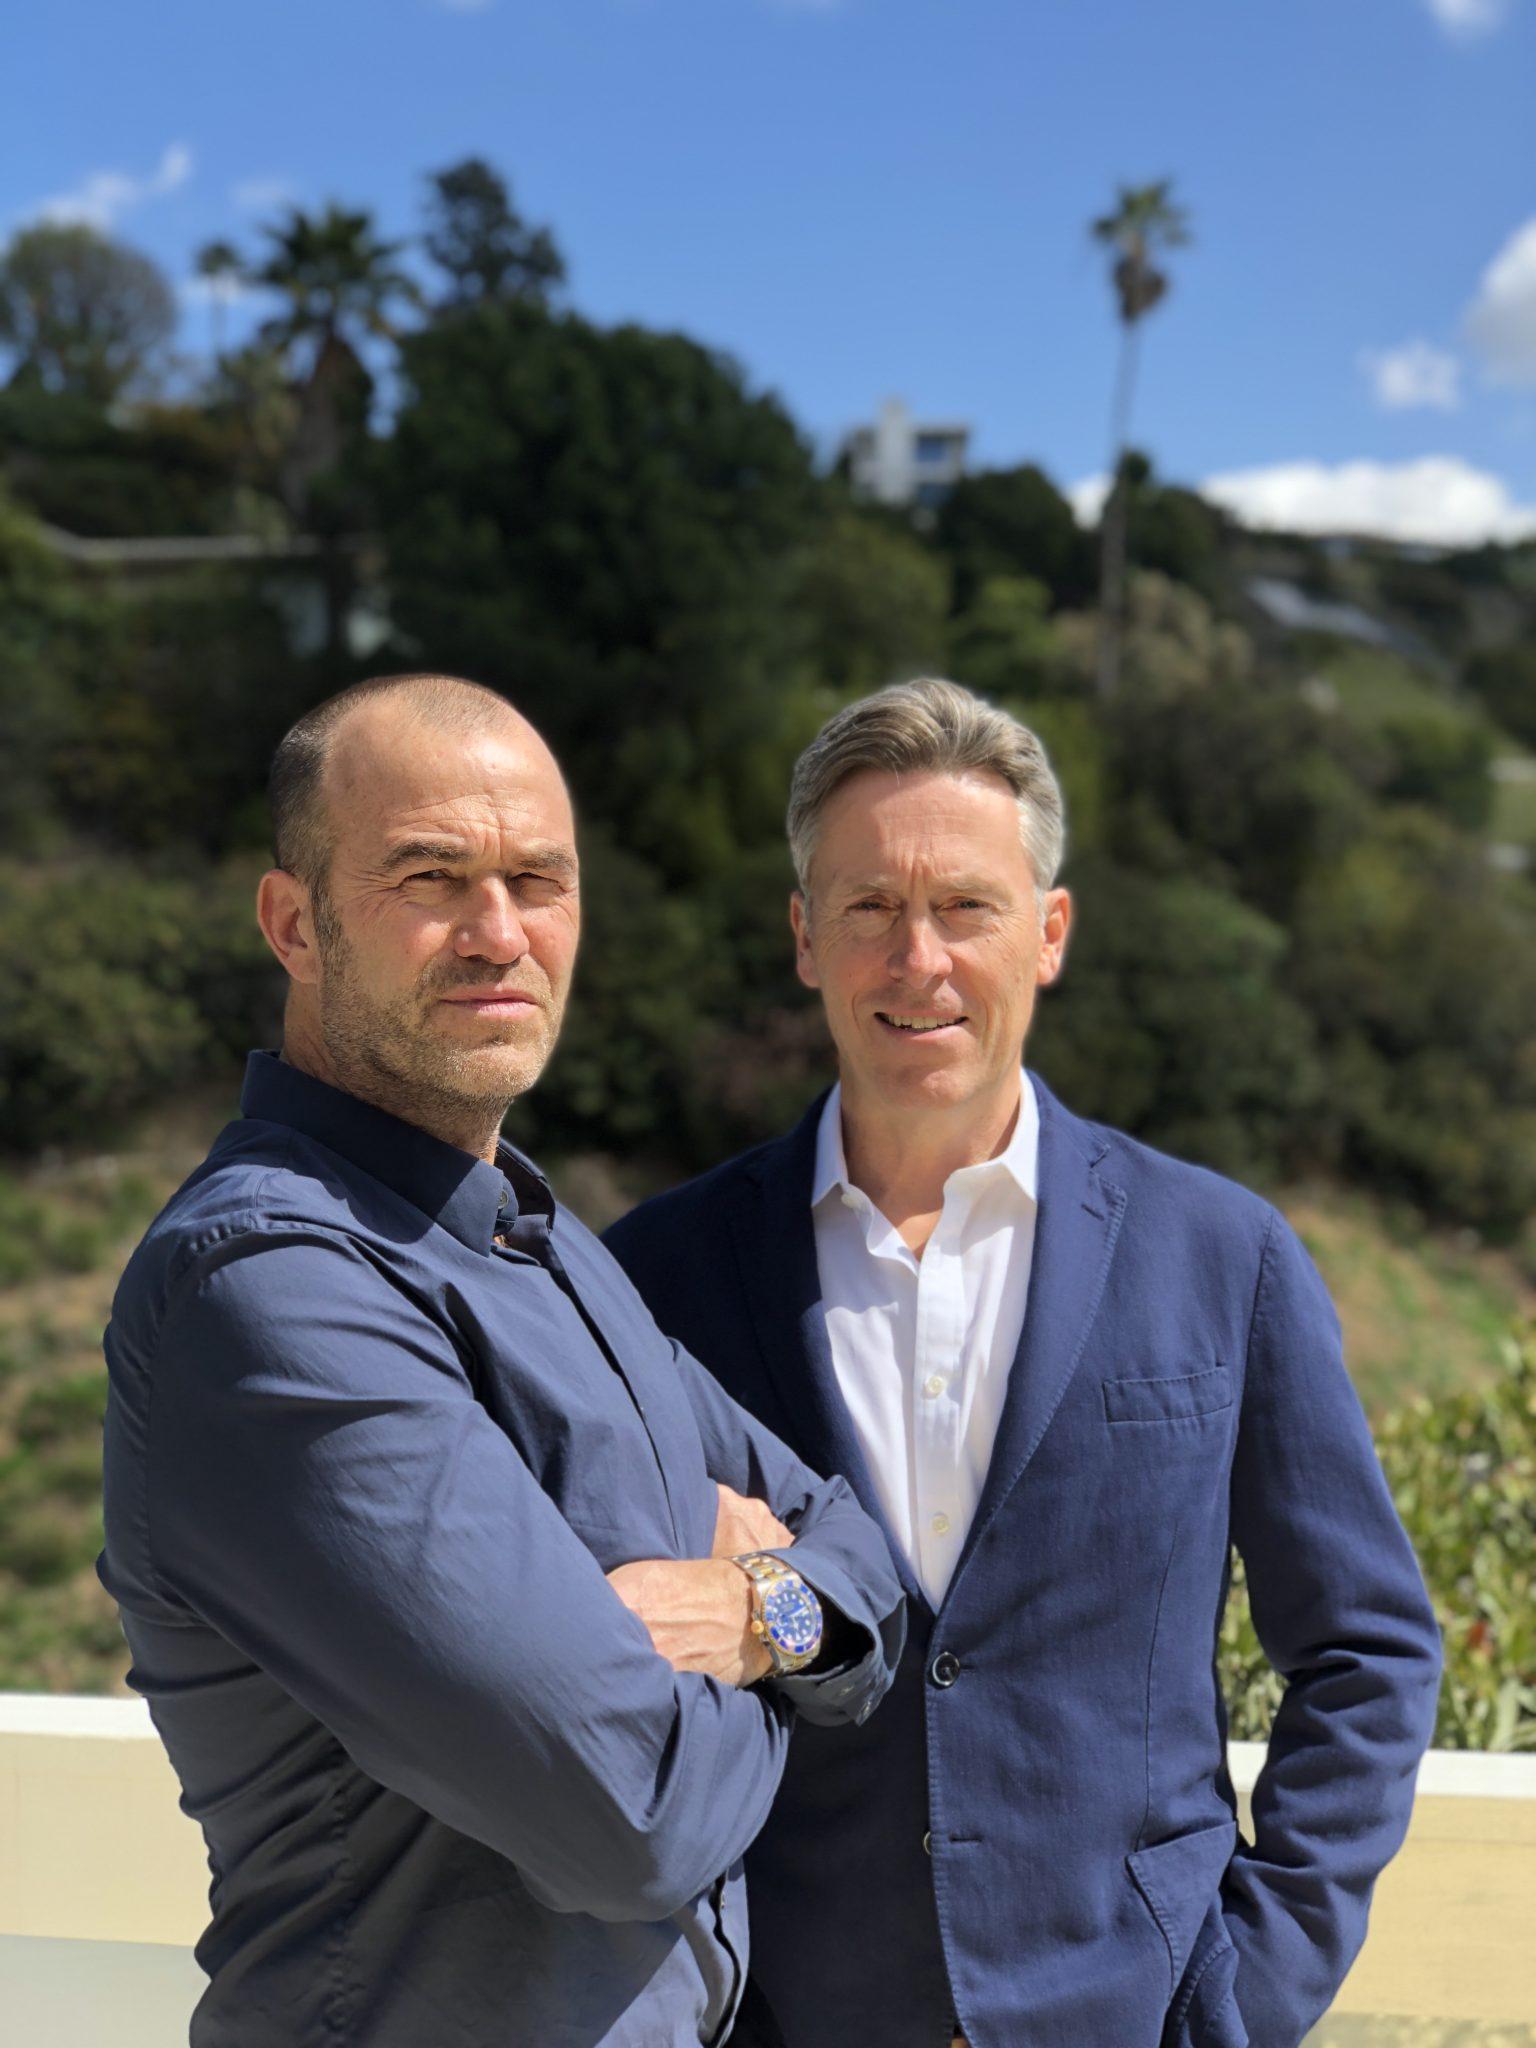 LA-based Brits Mirren & Carmichael Launch TV Outfit